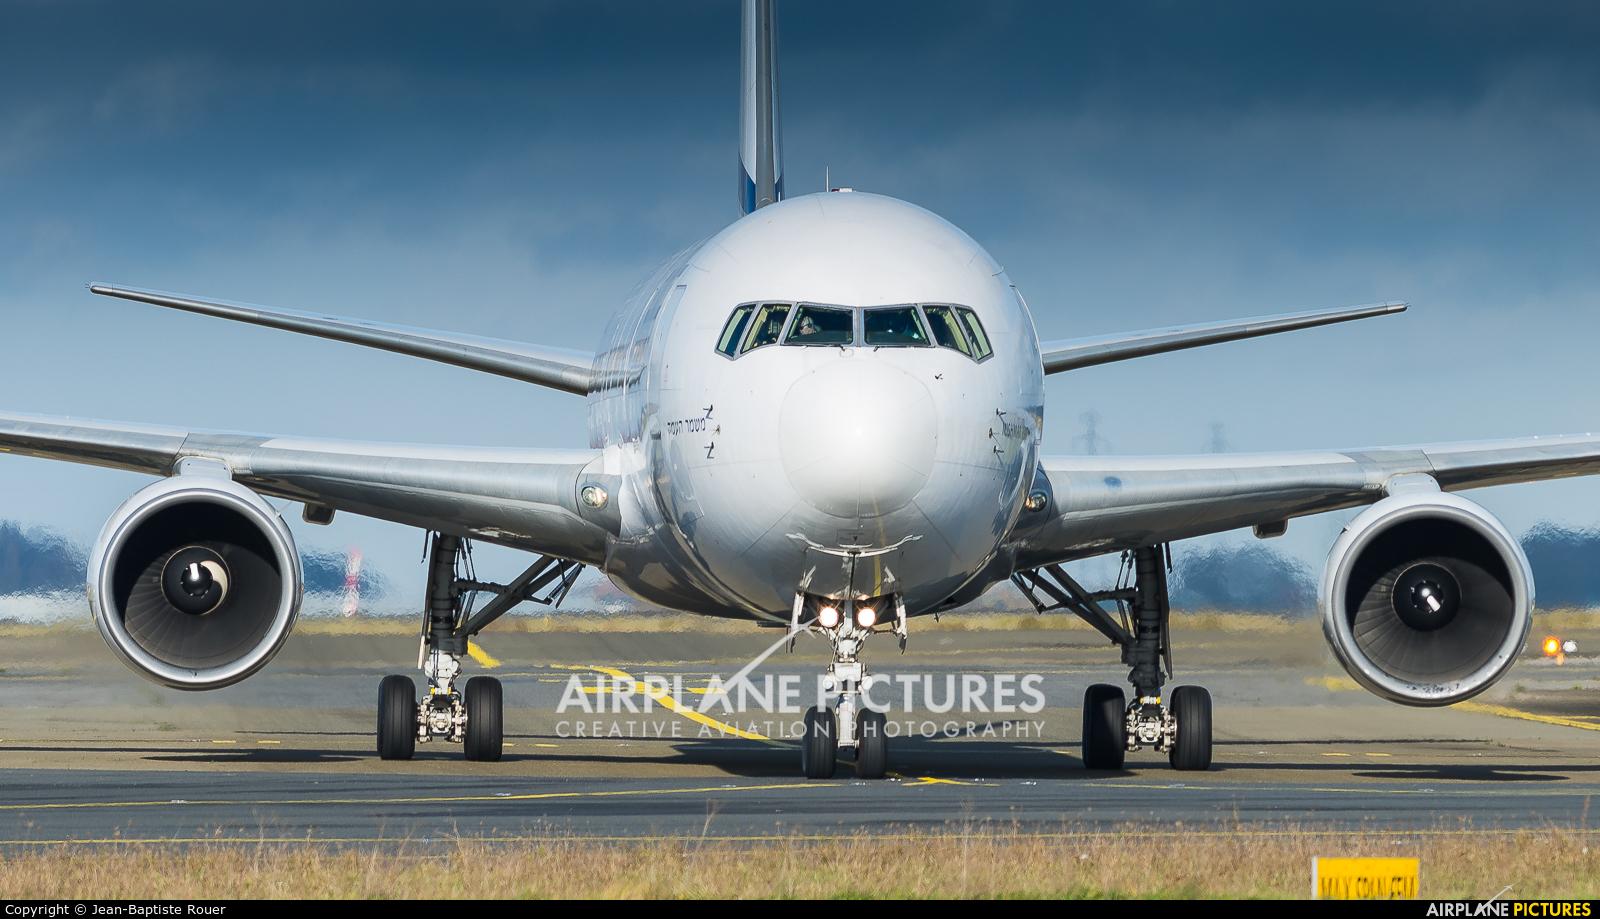 El Al Israel Airlines 4X-EAL aircraft at Paris - Charles de Gaulle